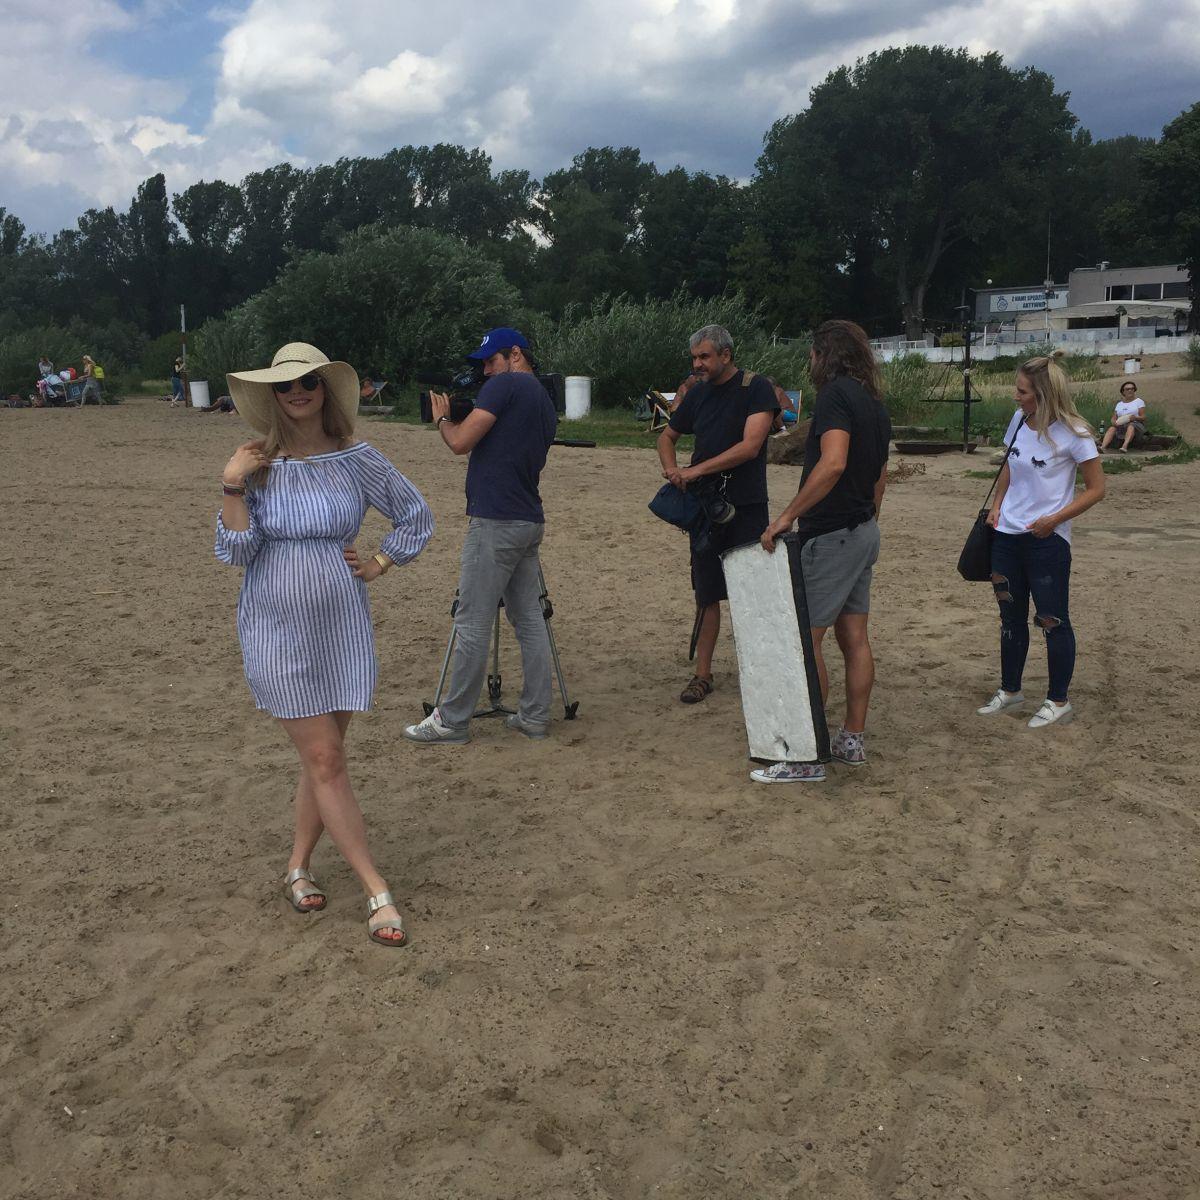 Izabela Zwierzyńska: Będę mamą... na urlopie, czyli mama na plaży! - BlogStar.pl